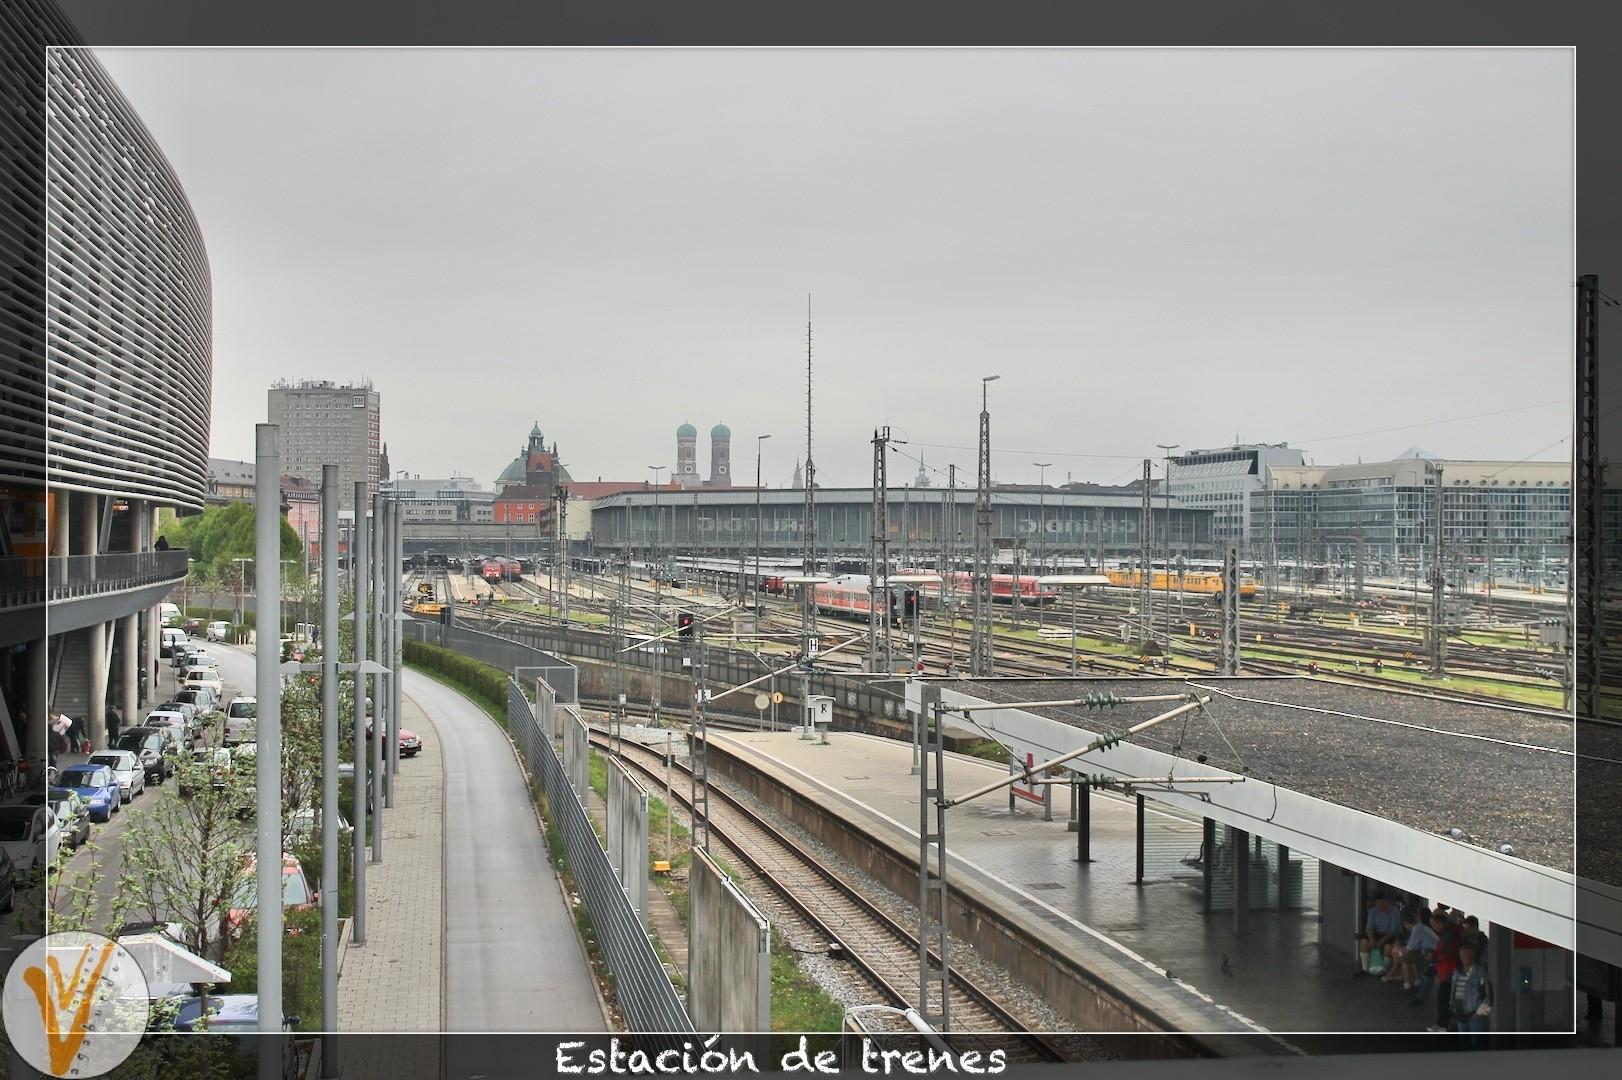 Estación de trenes desde afuera